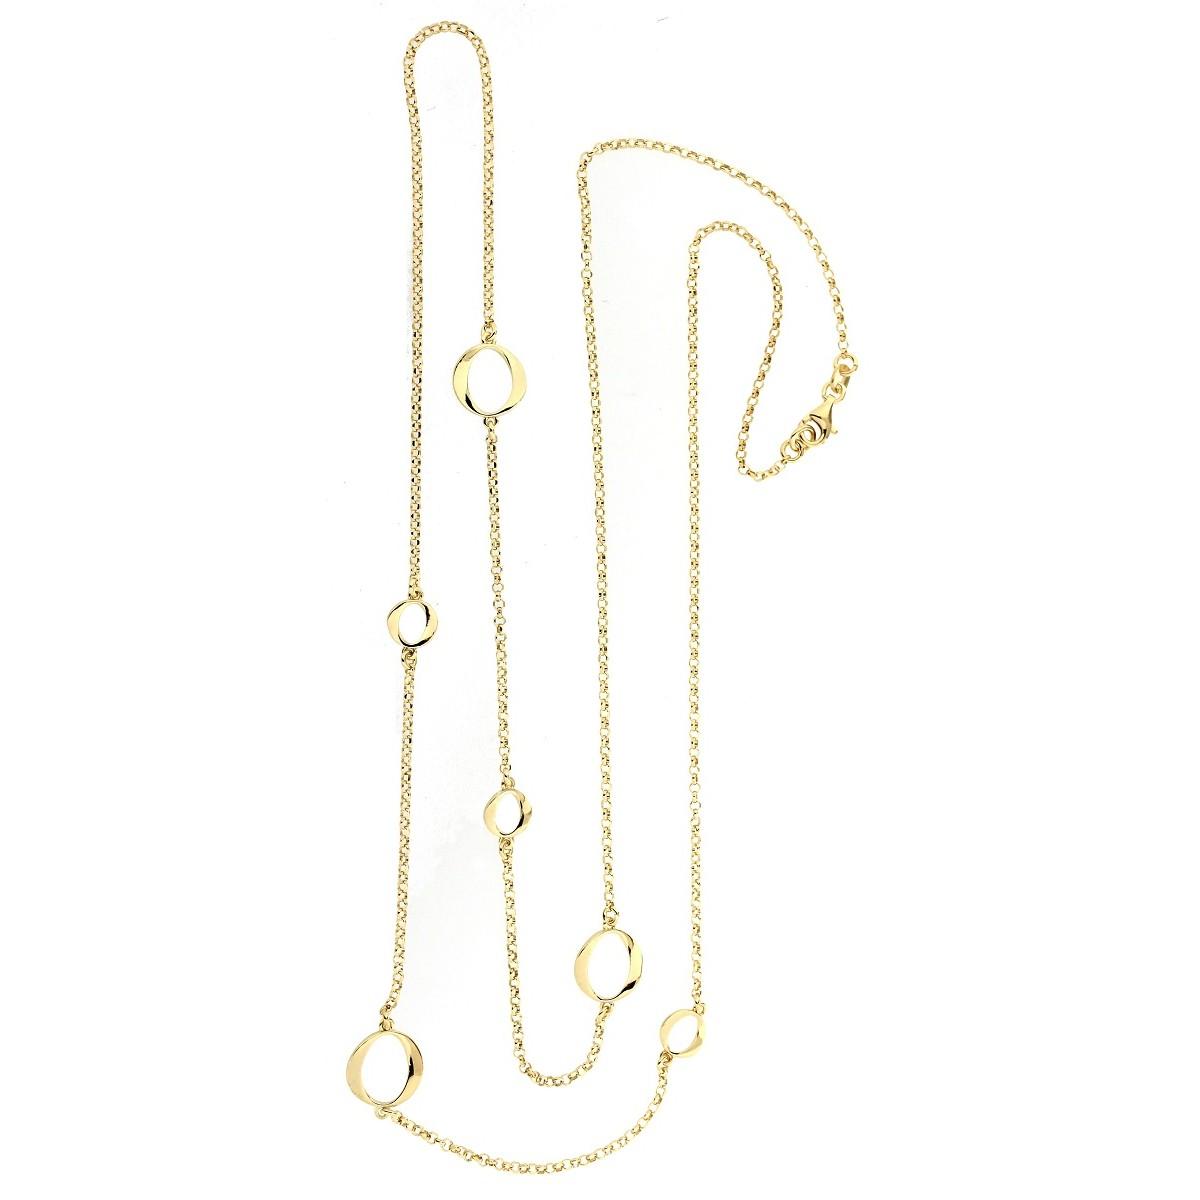 Γυναικεια Κοσμηματα Ασημένιο Κολιέ Verita. True Luxury 10413693 6931b3f5e5d